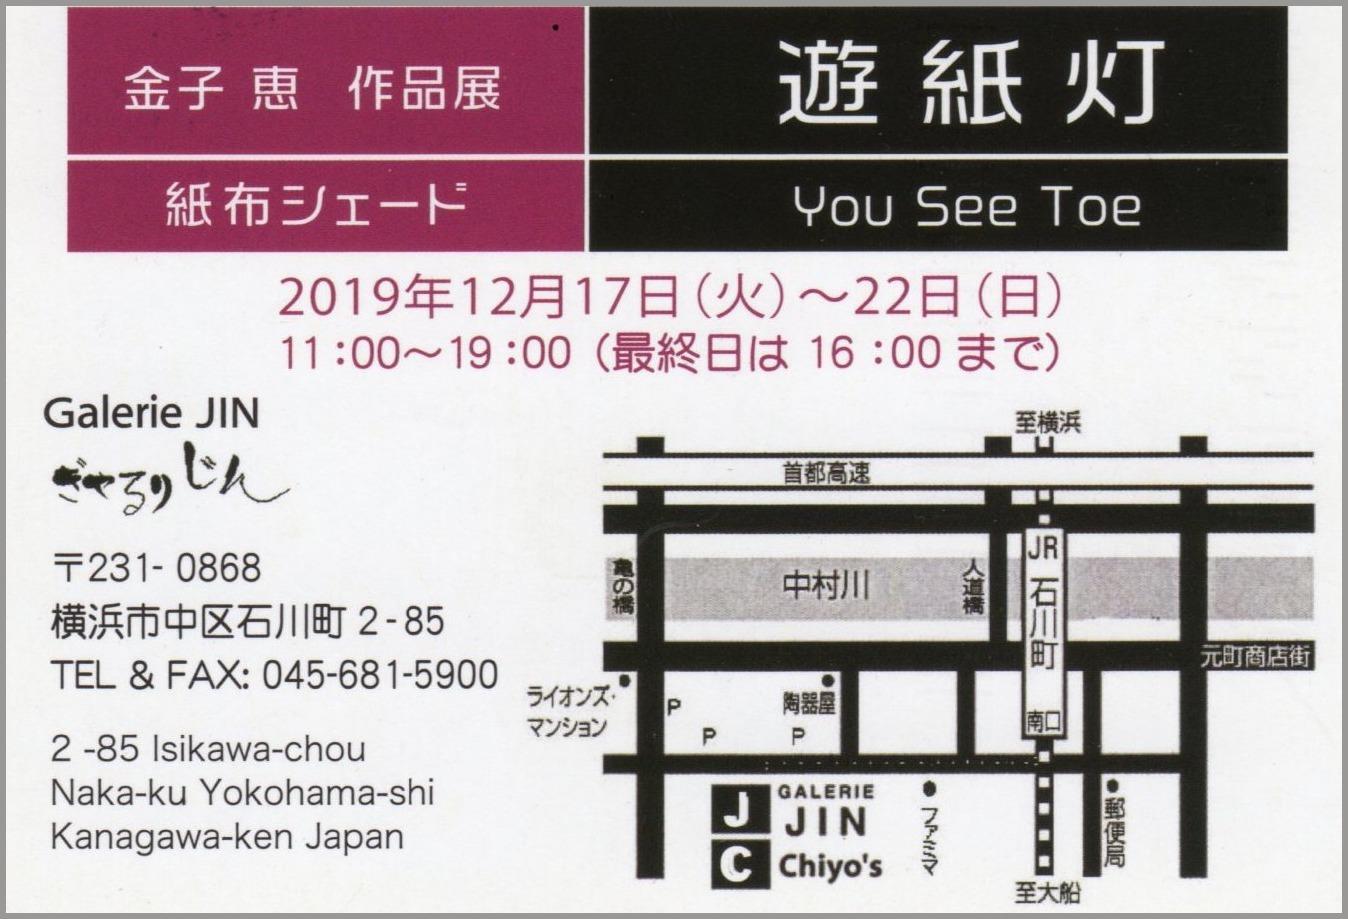 金子 恵 作品展 遊紙灯_a0086270_11460464.jpg